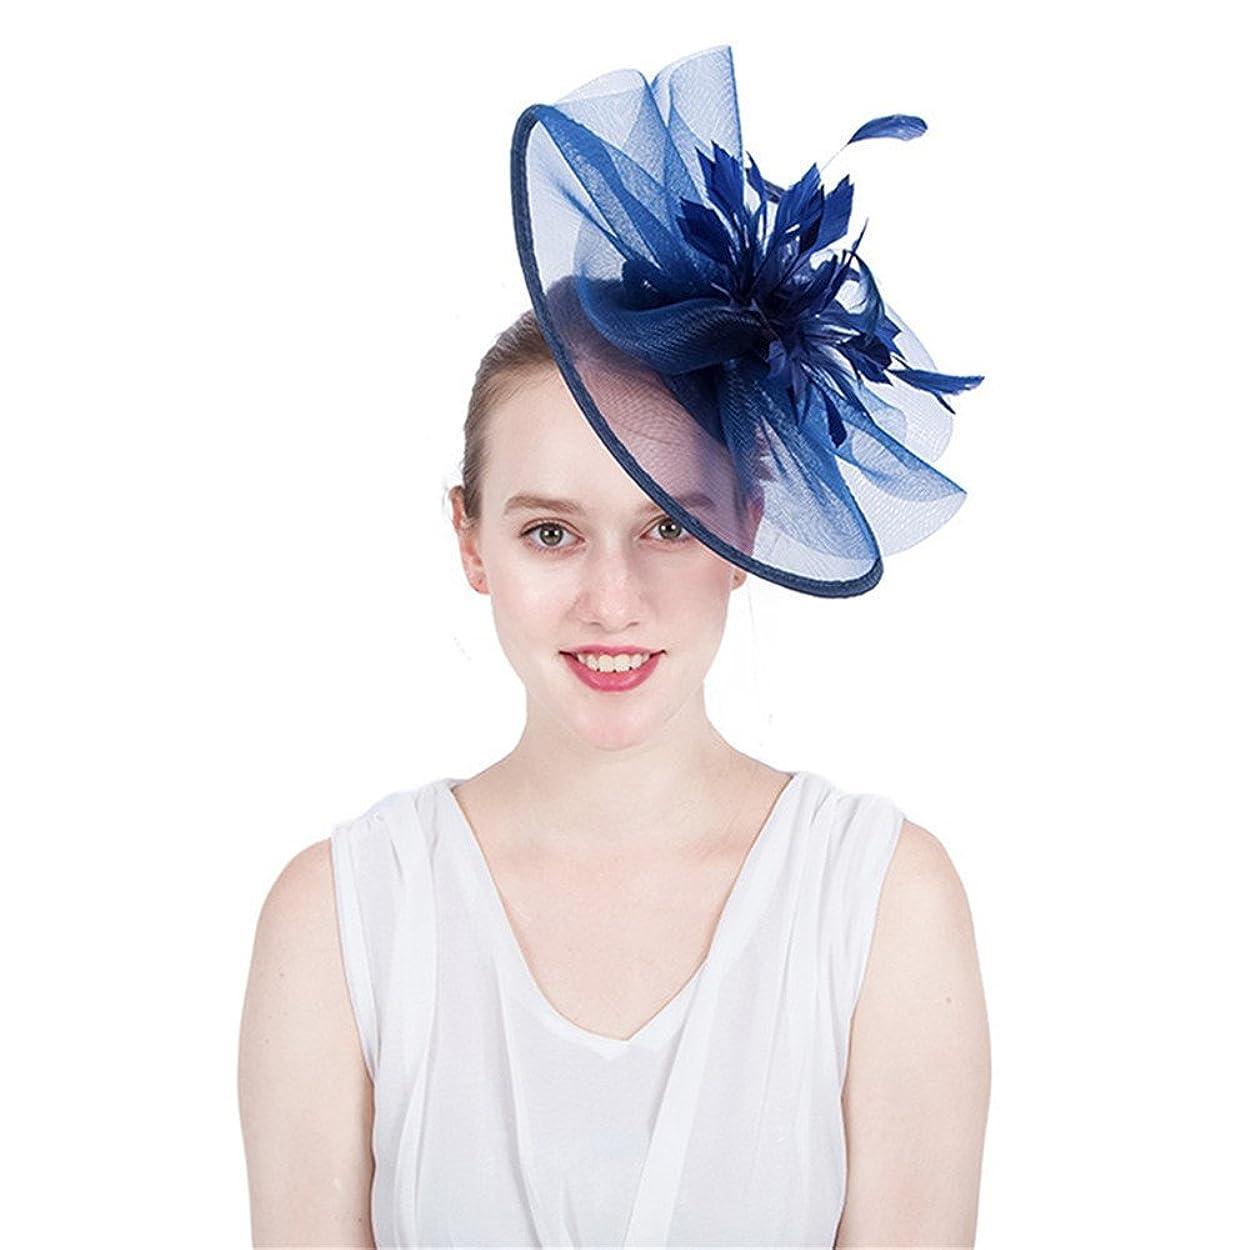 ミキサー動く魔法女性の魅力的な帽子 女性のエレガントな魅惑的な帽子ブライダルフェザーヘッドドレスフラワーヘアクリップアクセサリーウェディングカクテルロイヤルアスコット (色 : 濃紺)